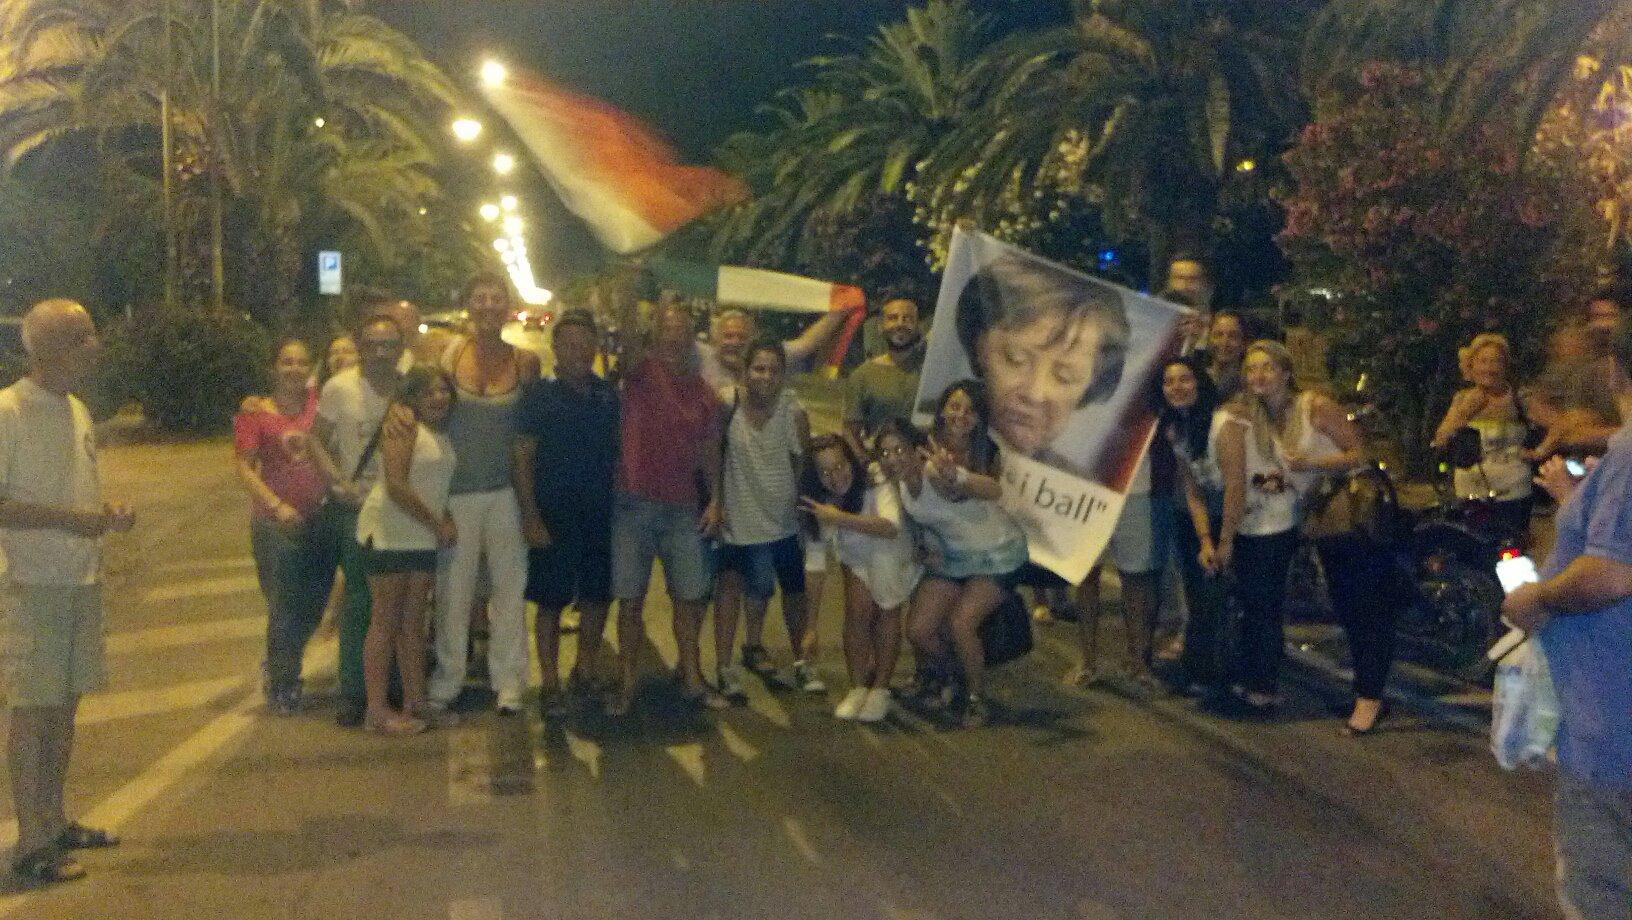 Tifosi in festa sul lungomare di San Benedetto dopo la vittoria sulla Germania ai campionati europei. C'è anche un po' di attualità politica in uno striscione